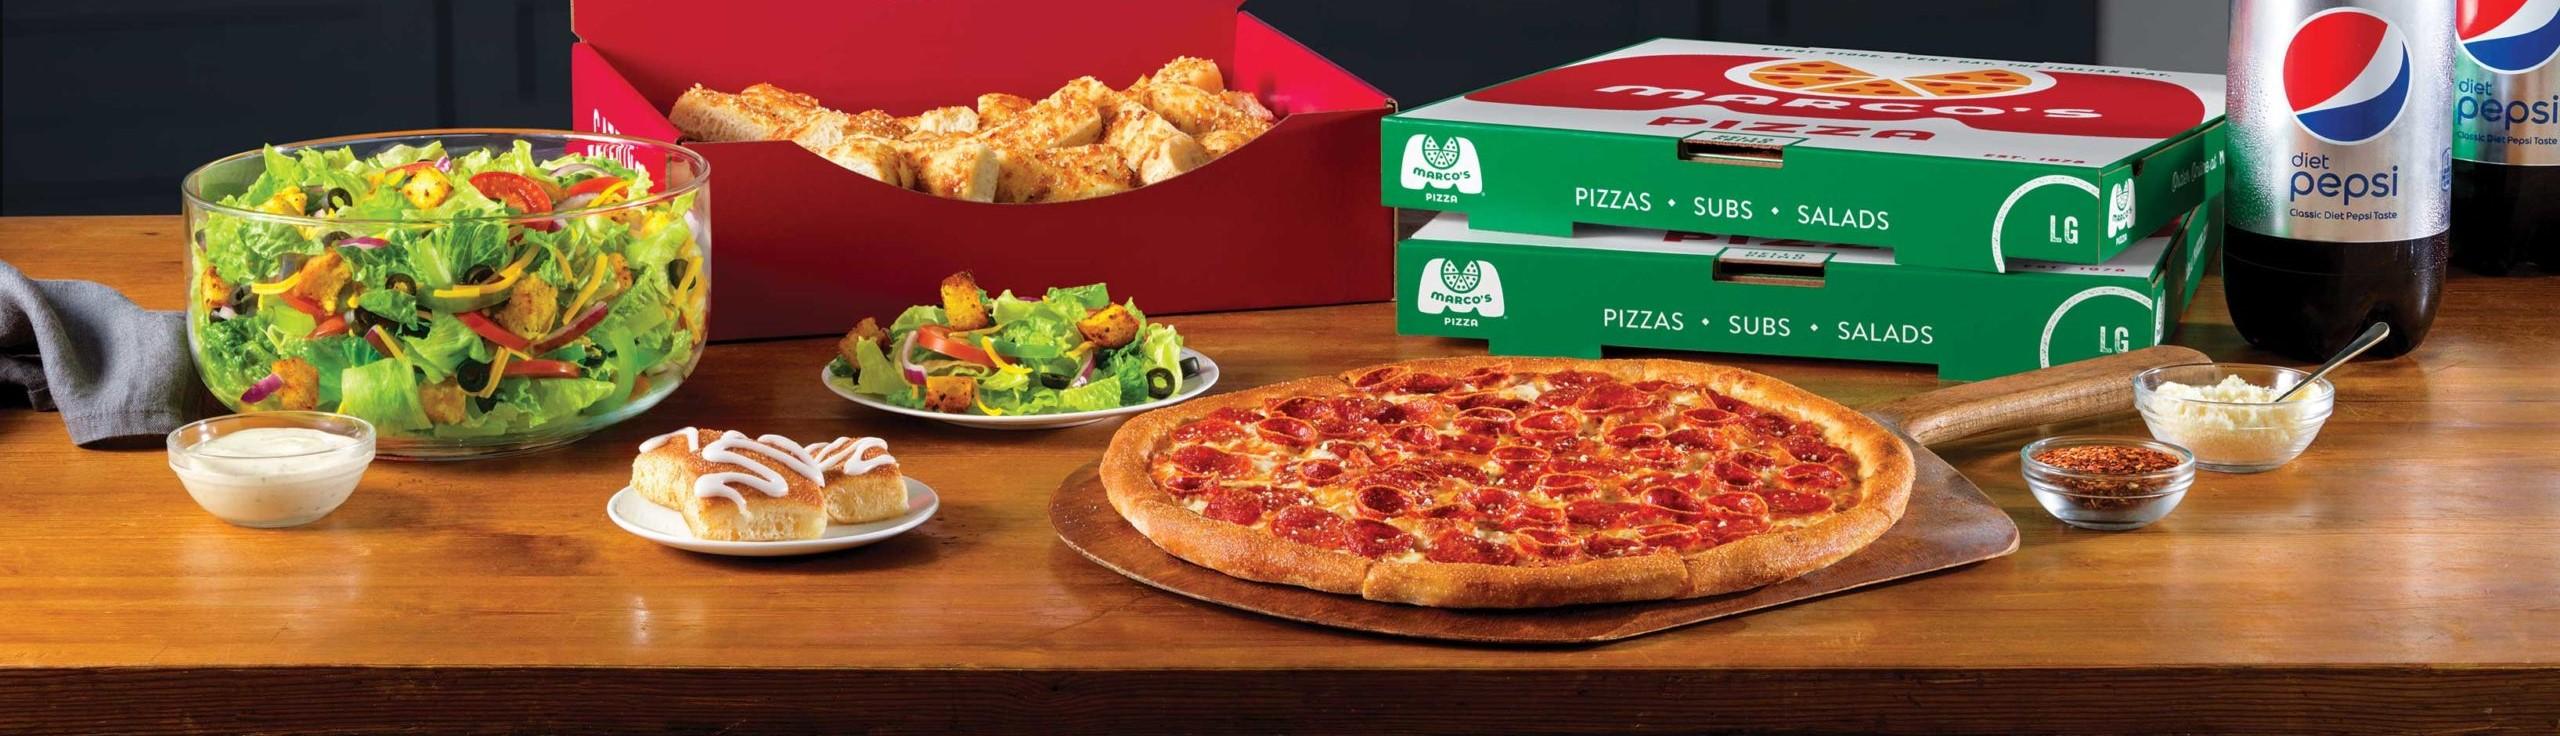 Acompañamientos de pizza más comunes